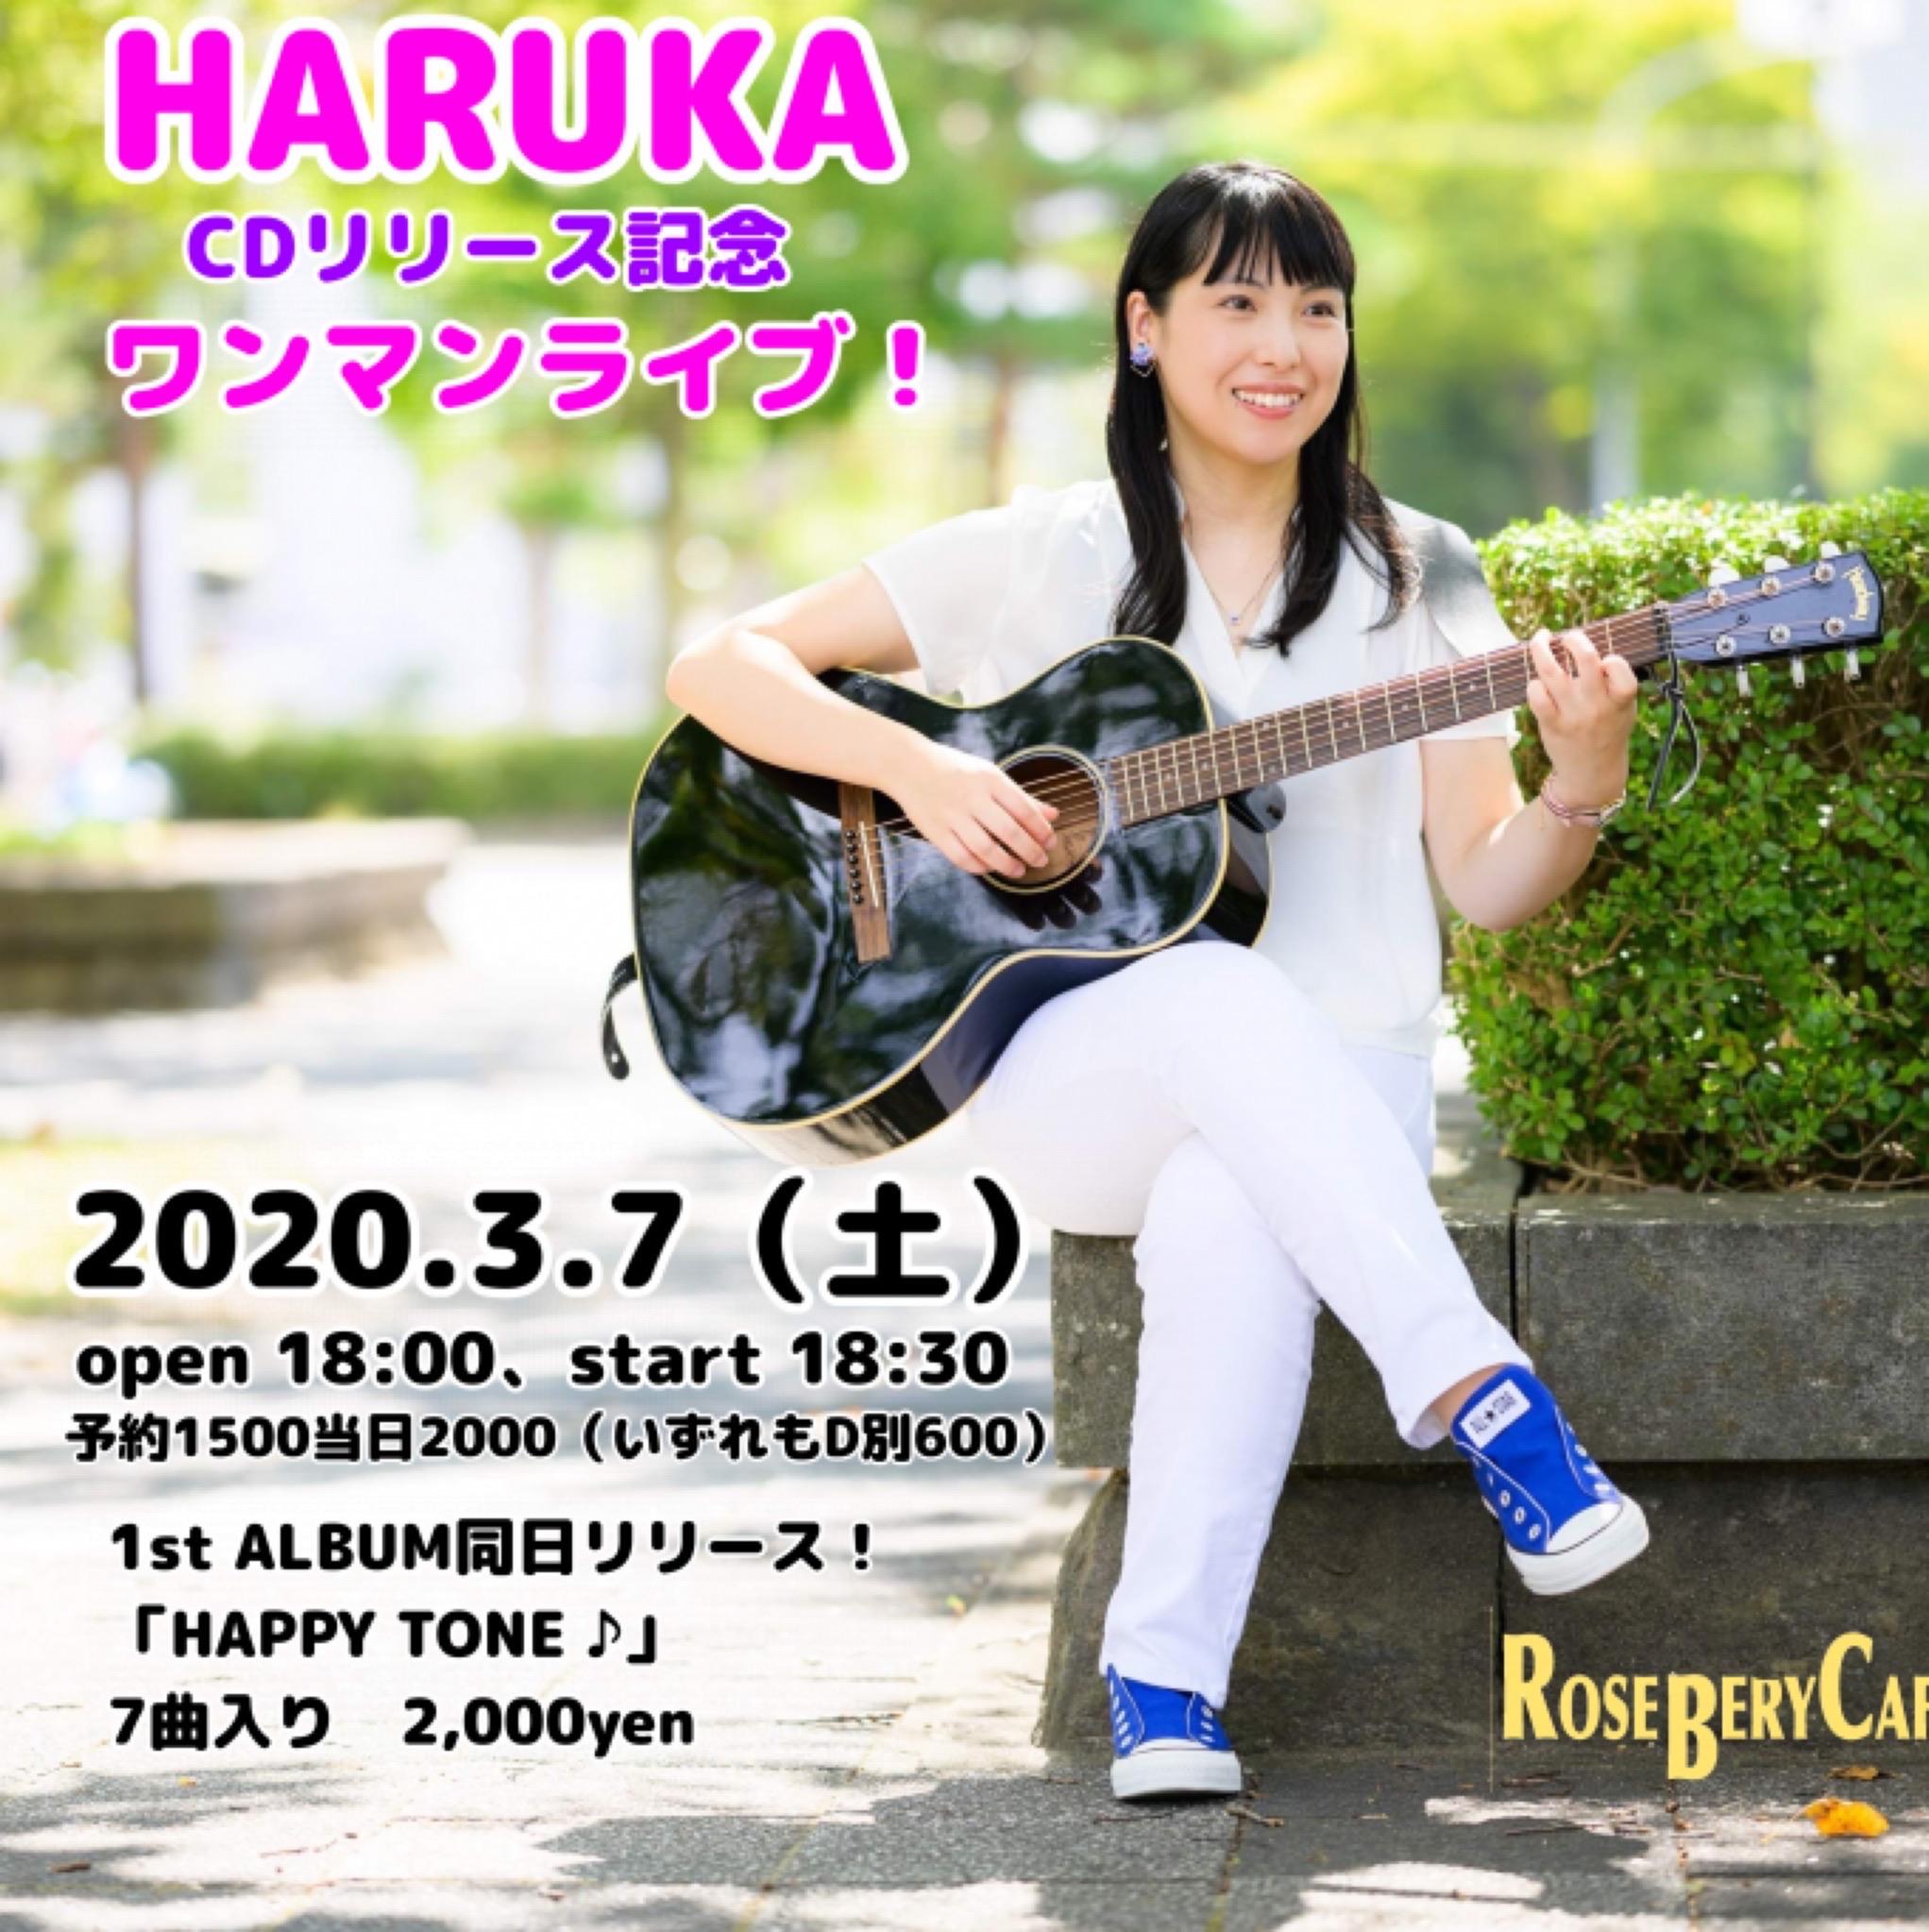 HARUKA CDリリース記念 ワンマンライブ